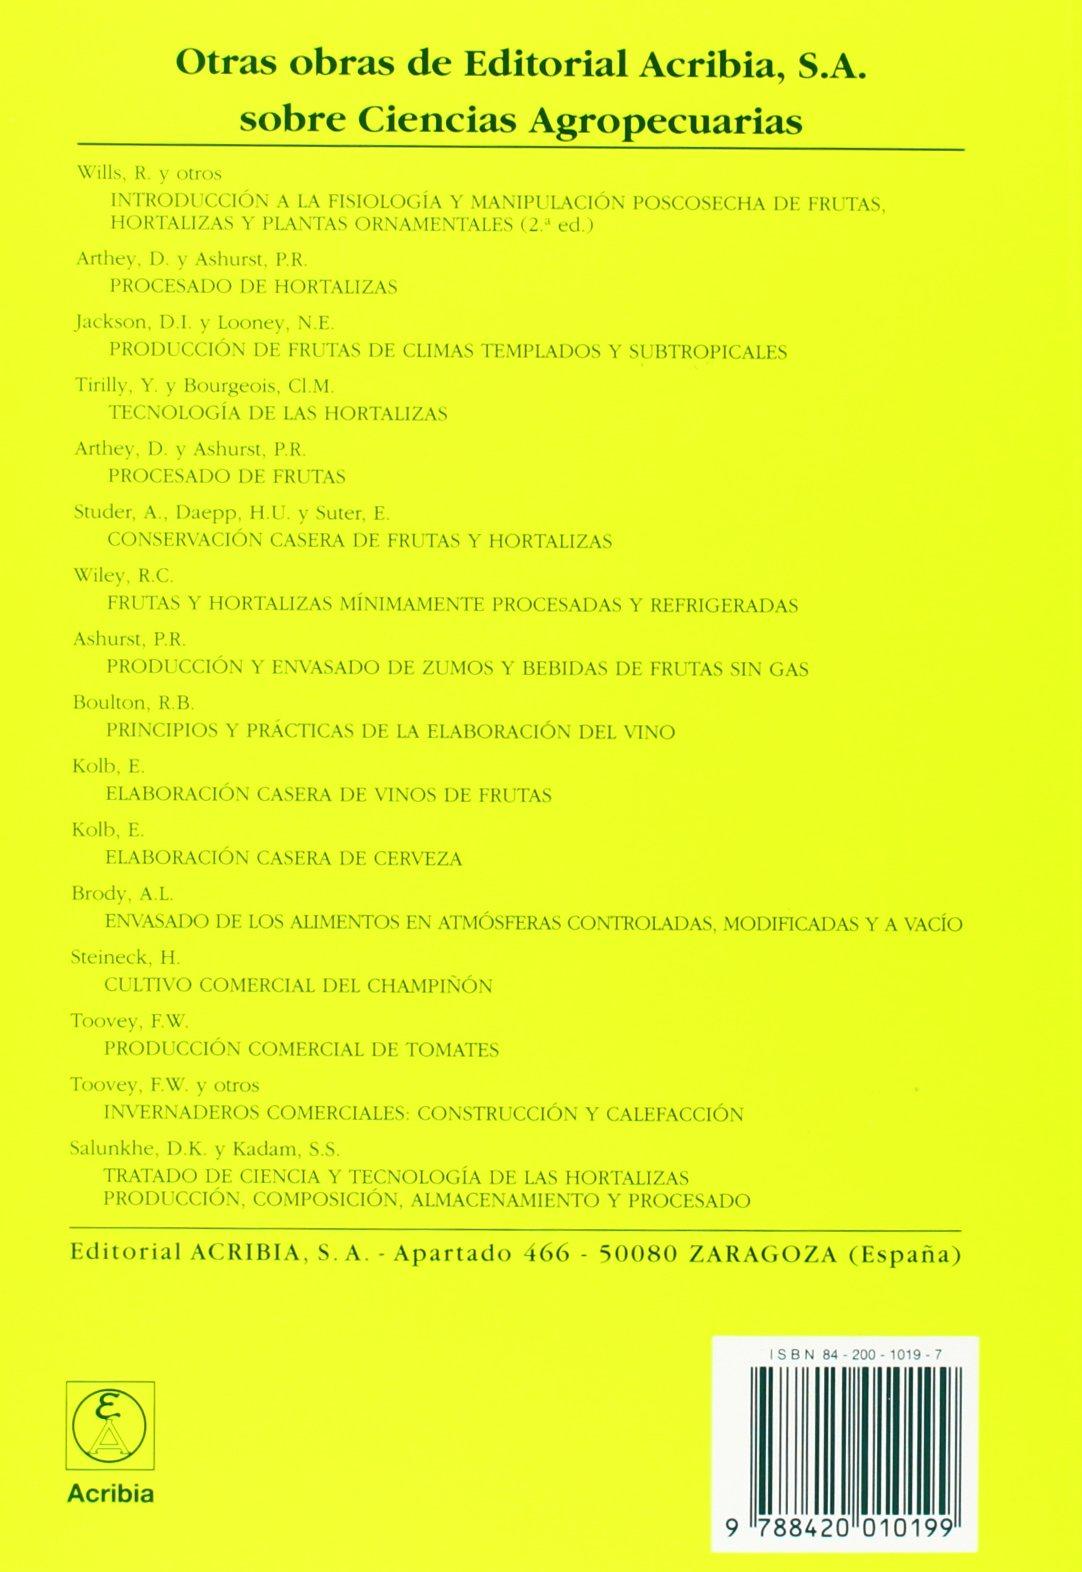 Almacenamiento En Atmosferas Controladas de Frutas y Hortalizas (Spanish Edition): A. K. Thompson: 9788420010199: Amazon.com: Books